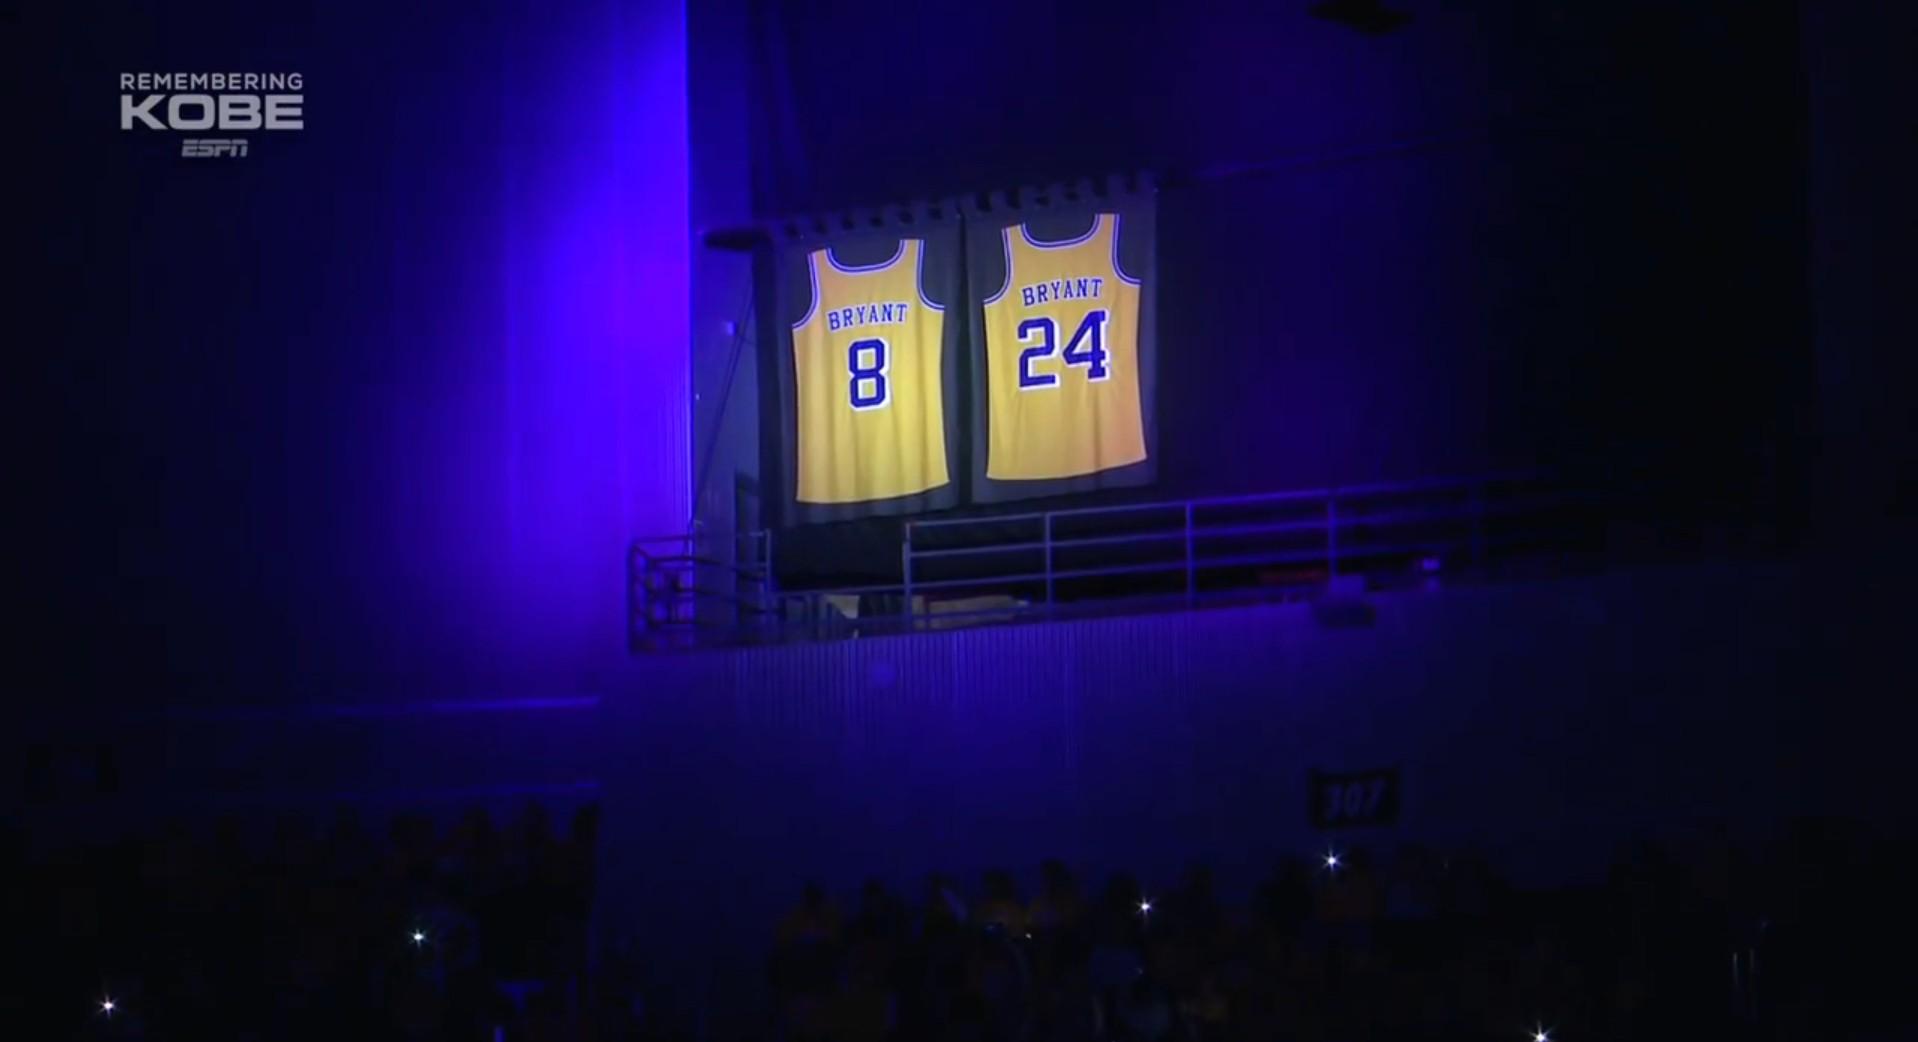 [视频]R.I.P. 湖人在赛前举办了科比的悼念仪式